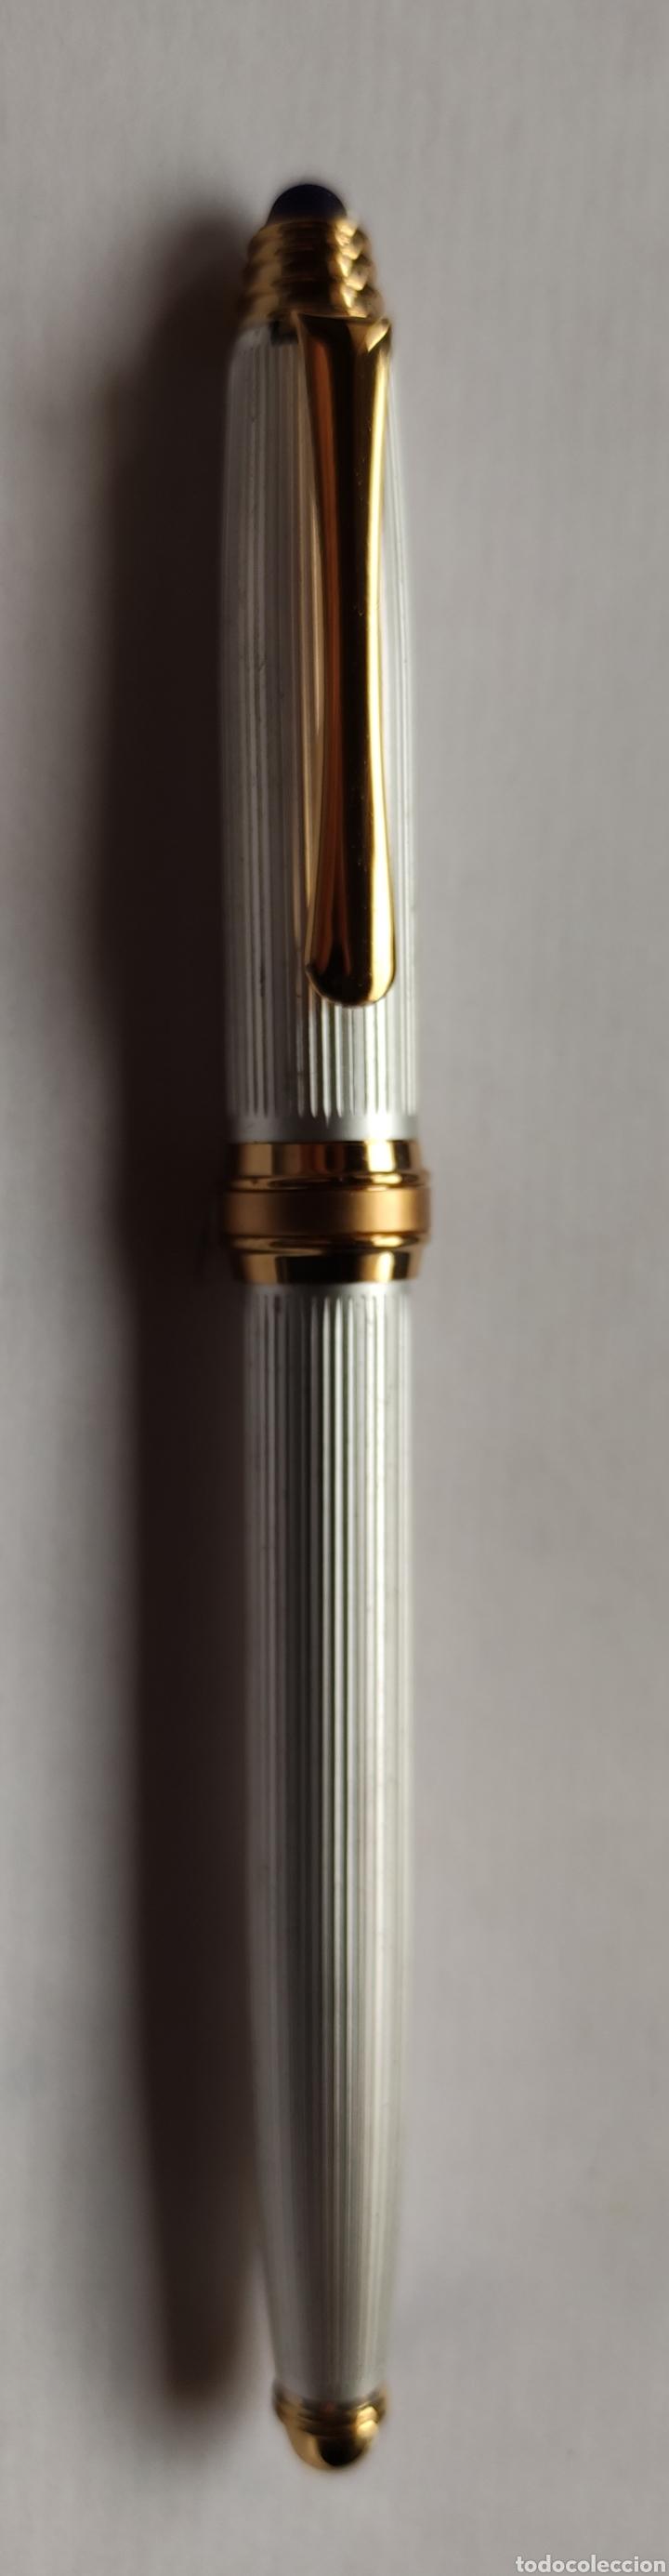 Plumas estilográficas antiguas: Pluma estilografica - Foto 3 - 257861335